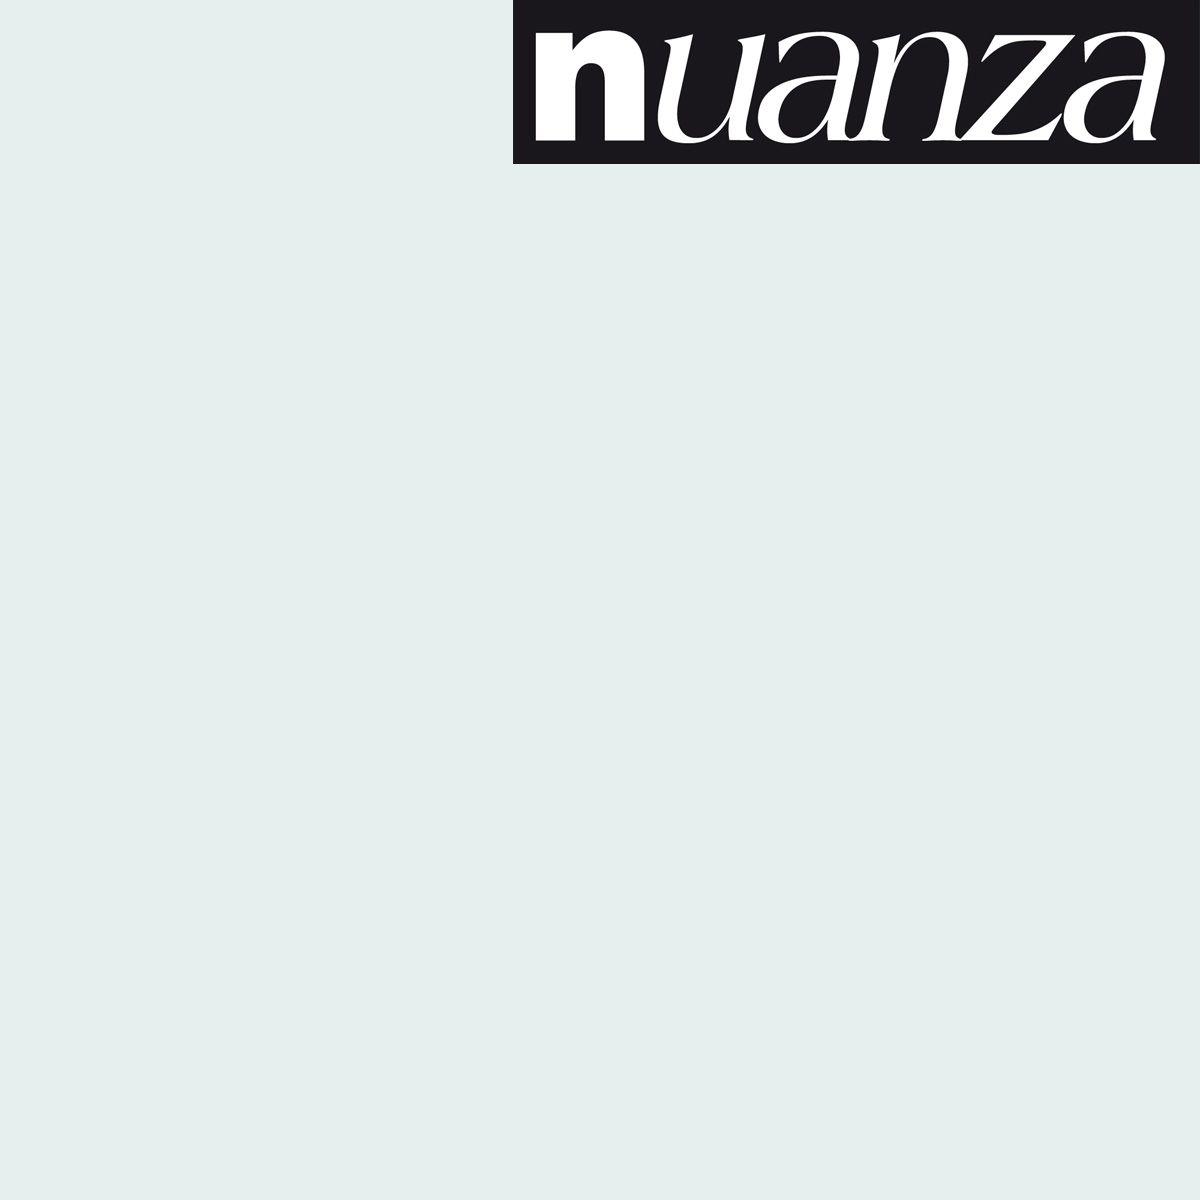 Peinture Nuanza satin monocouche nuage 2.5l